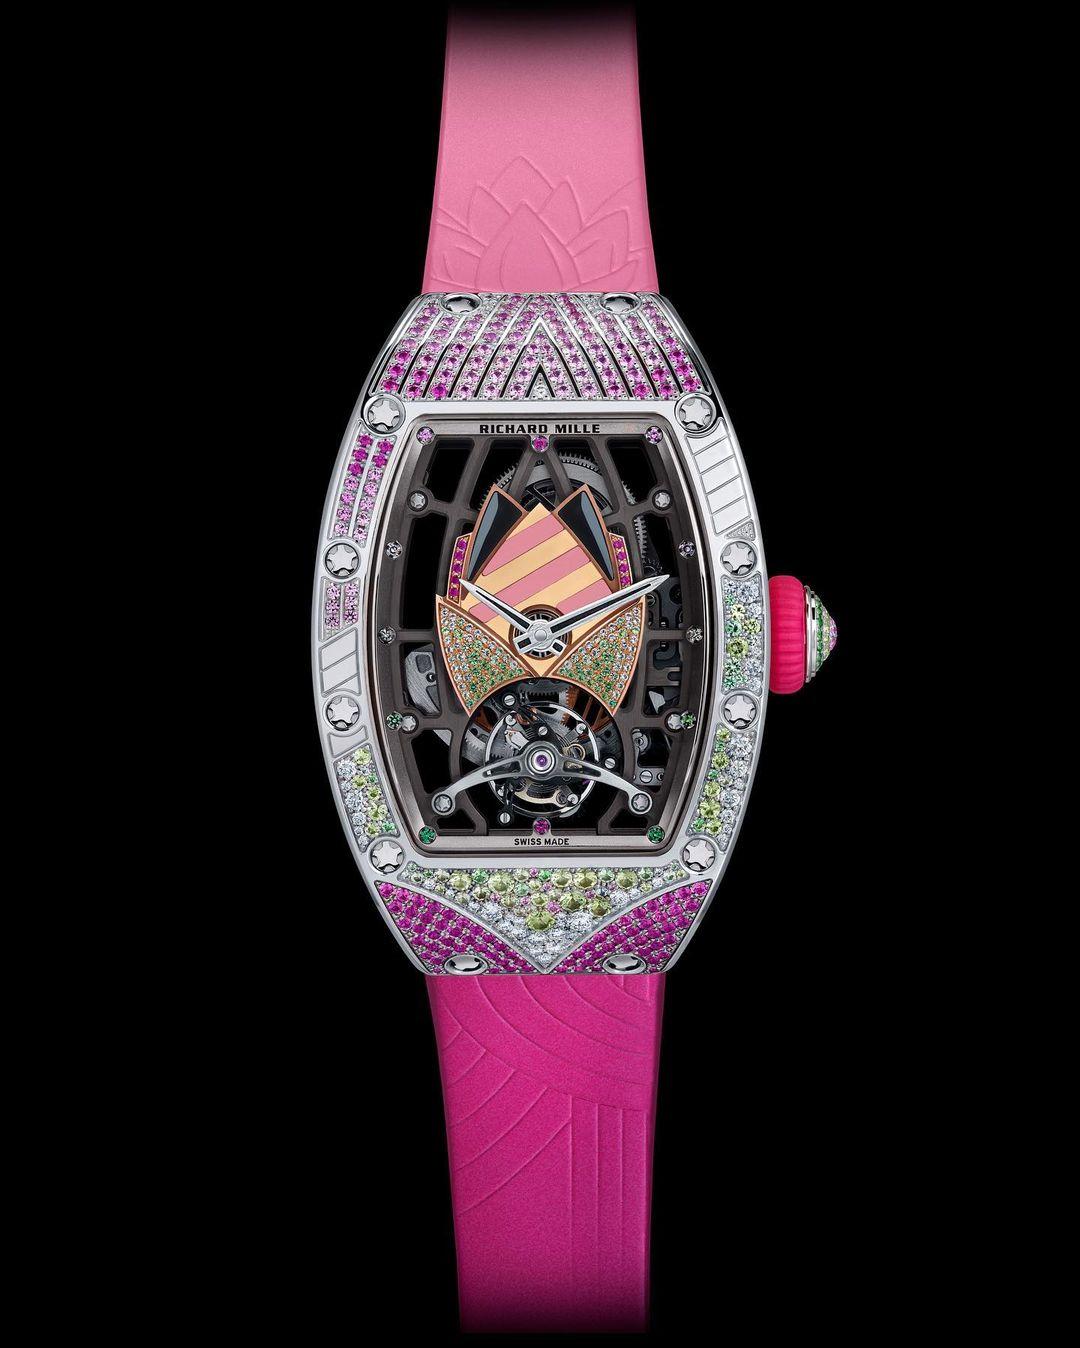 montres-femme Richard Mille 71-02 Automatic Tourbillon Talisman : Un nouveau modèle aux mille couleurs